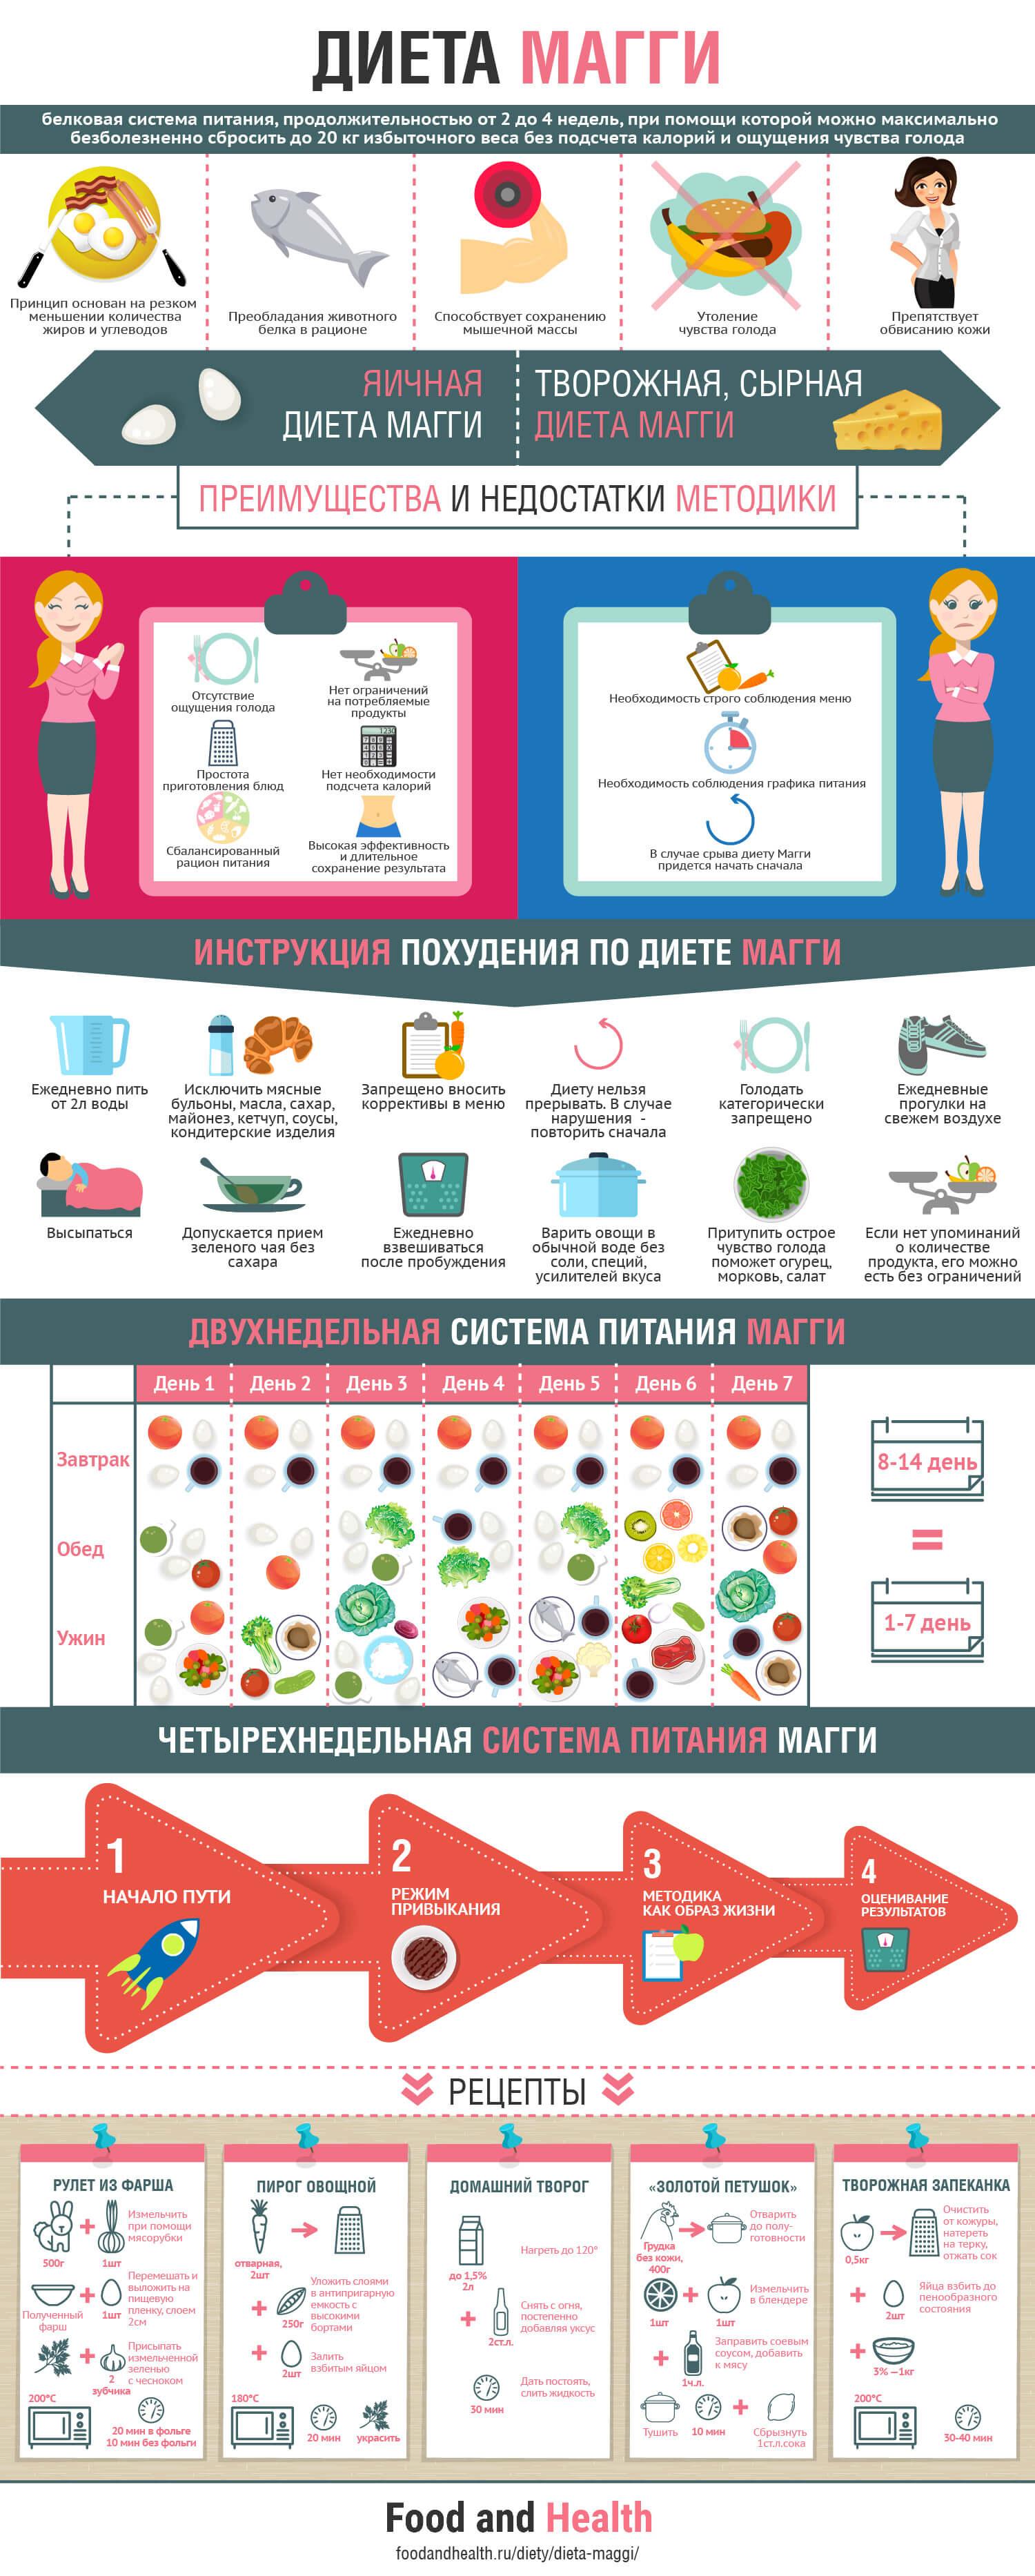 Диета Магги отзывы меню на каждый день и 4 недели  Food